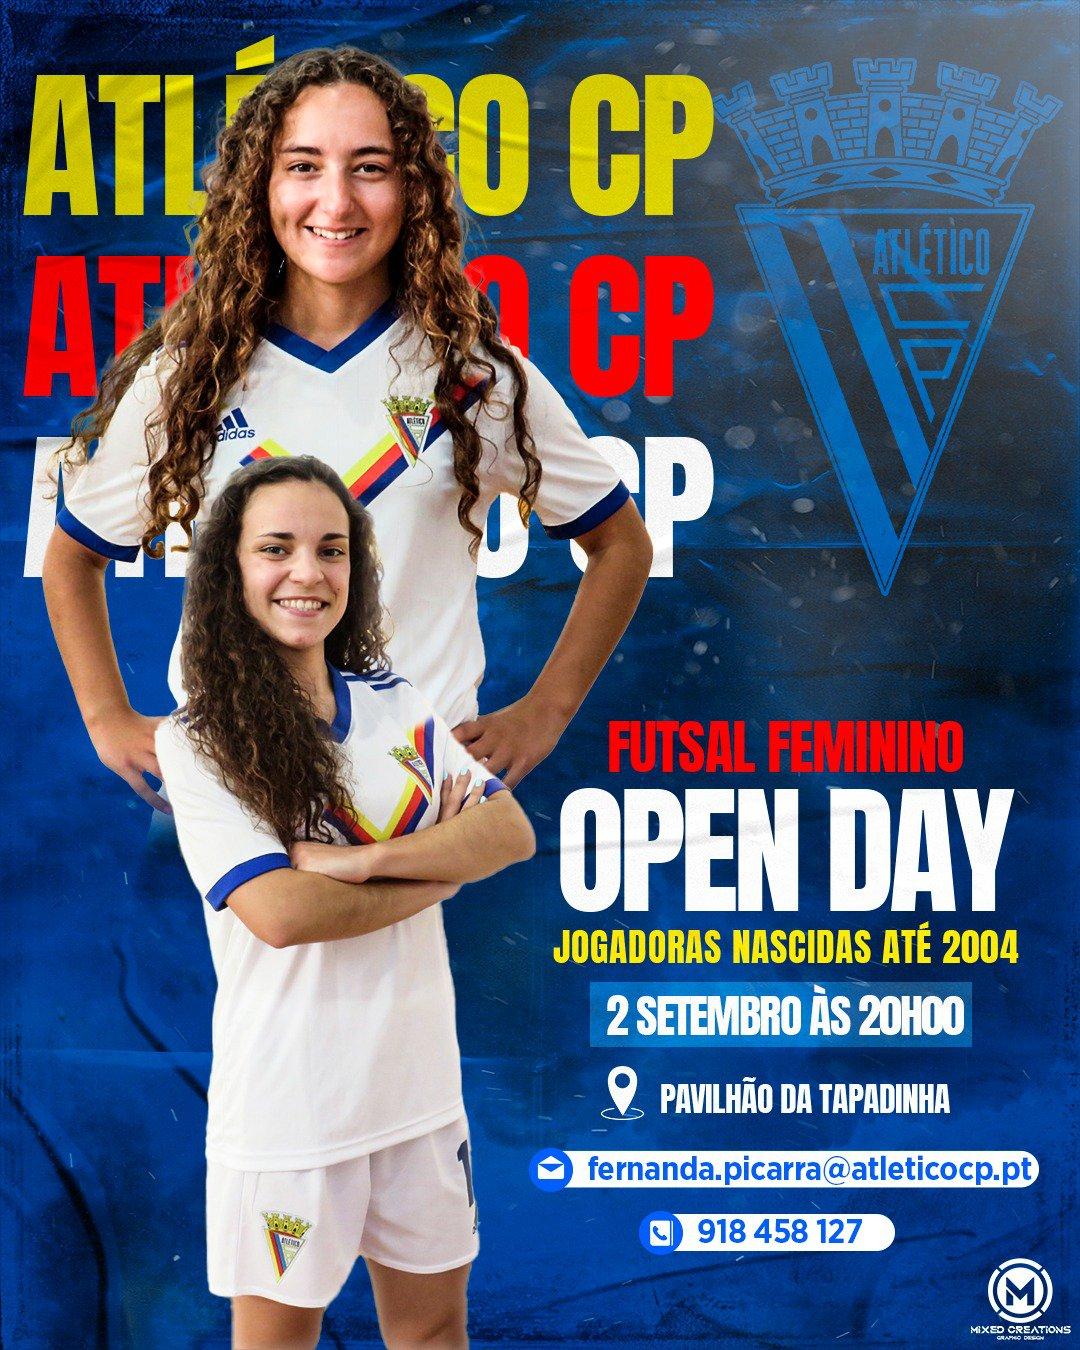 Open Day: Futsal Feminino